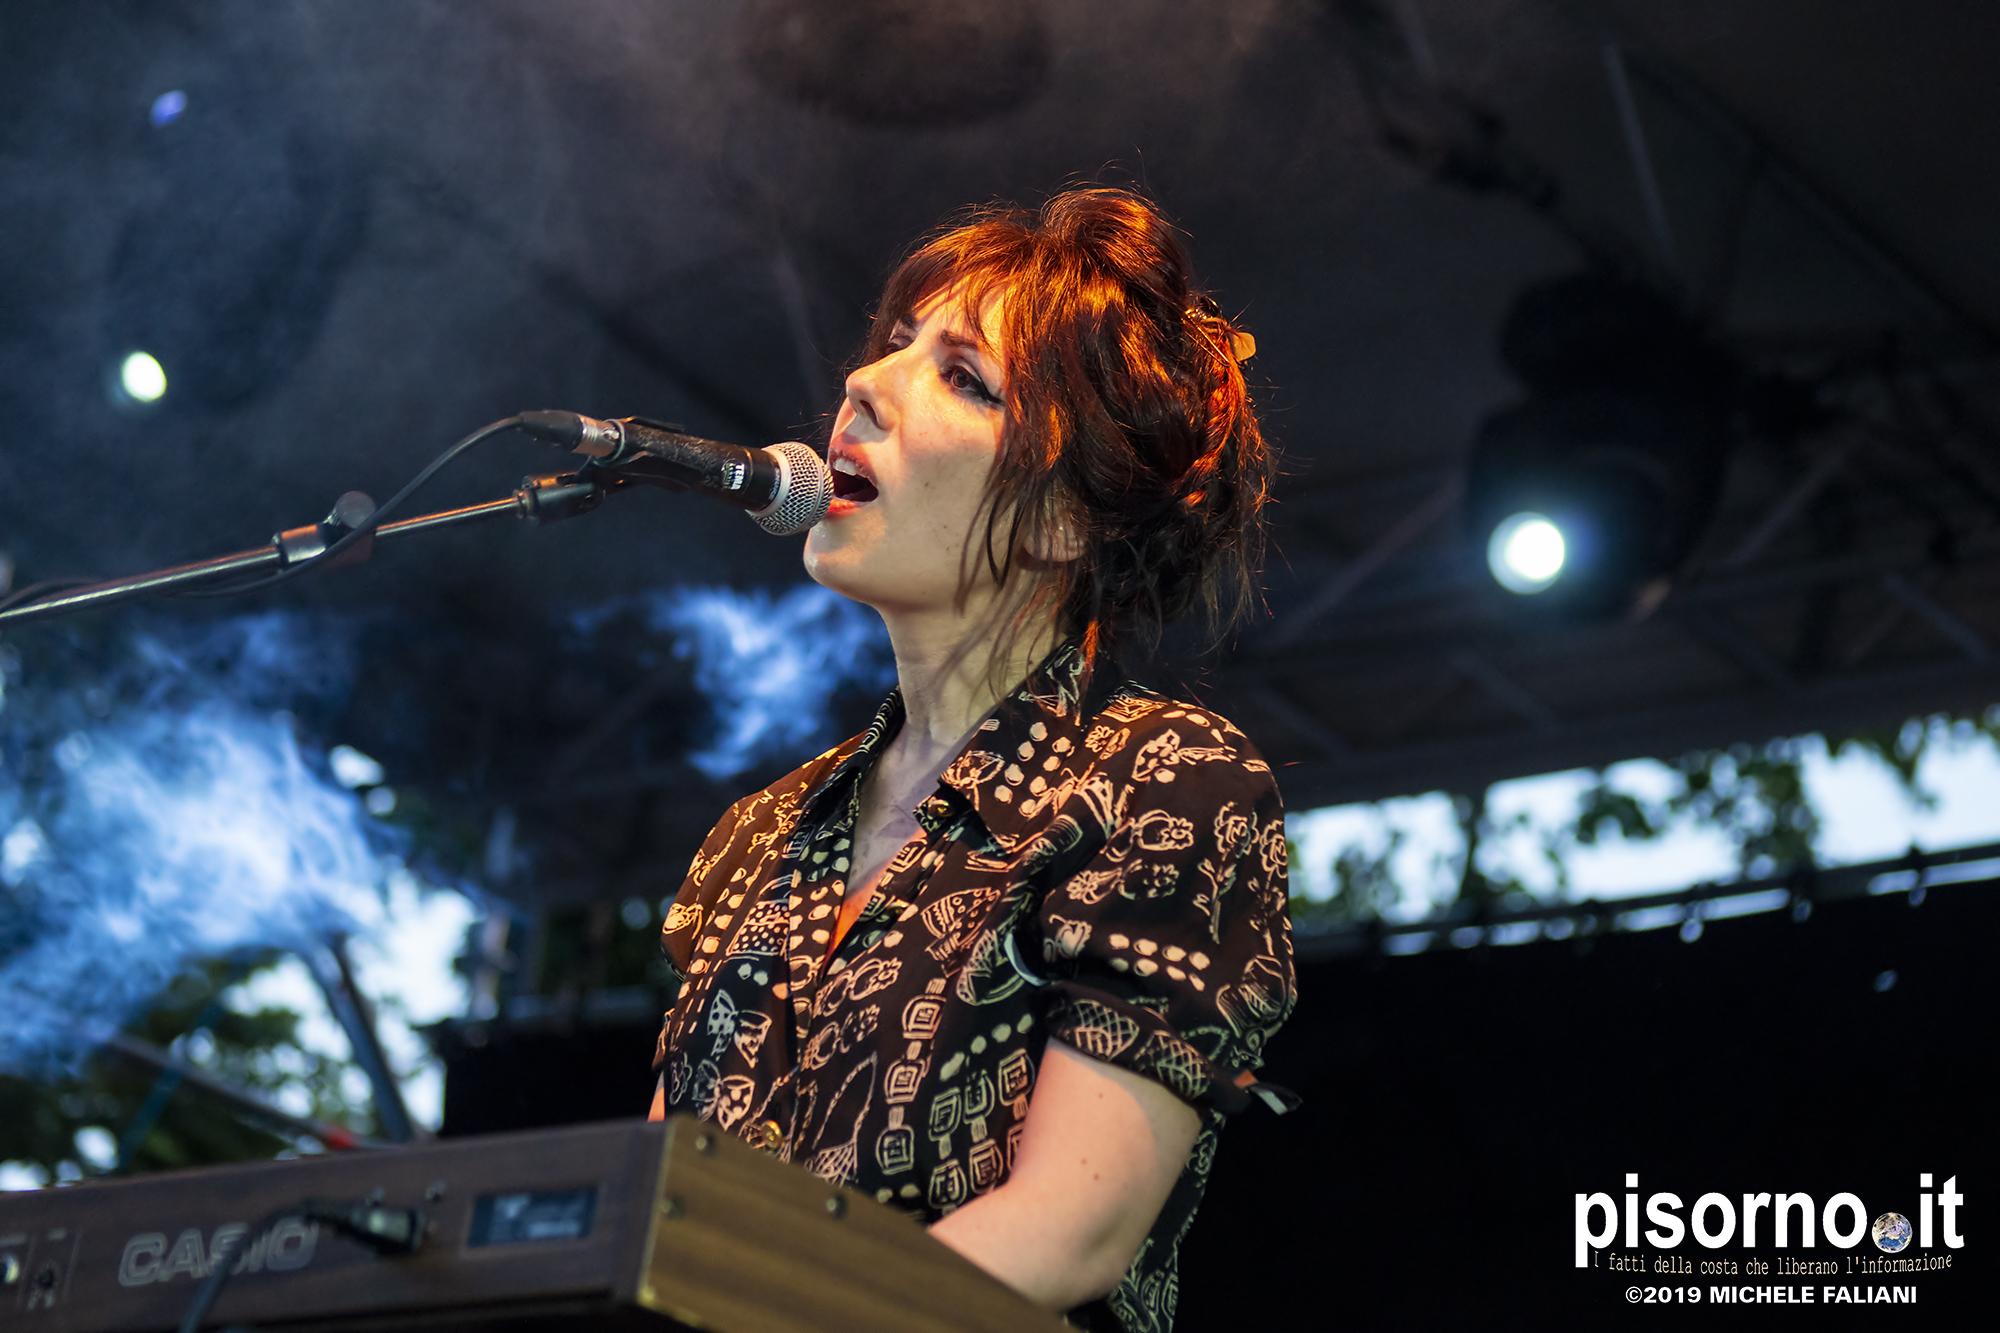 Malihini live @ Arti Vive (Soliera, Italy), July 7th 2019